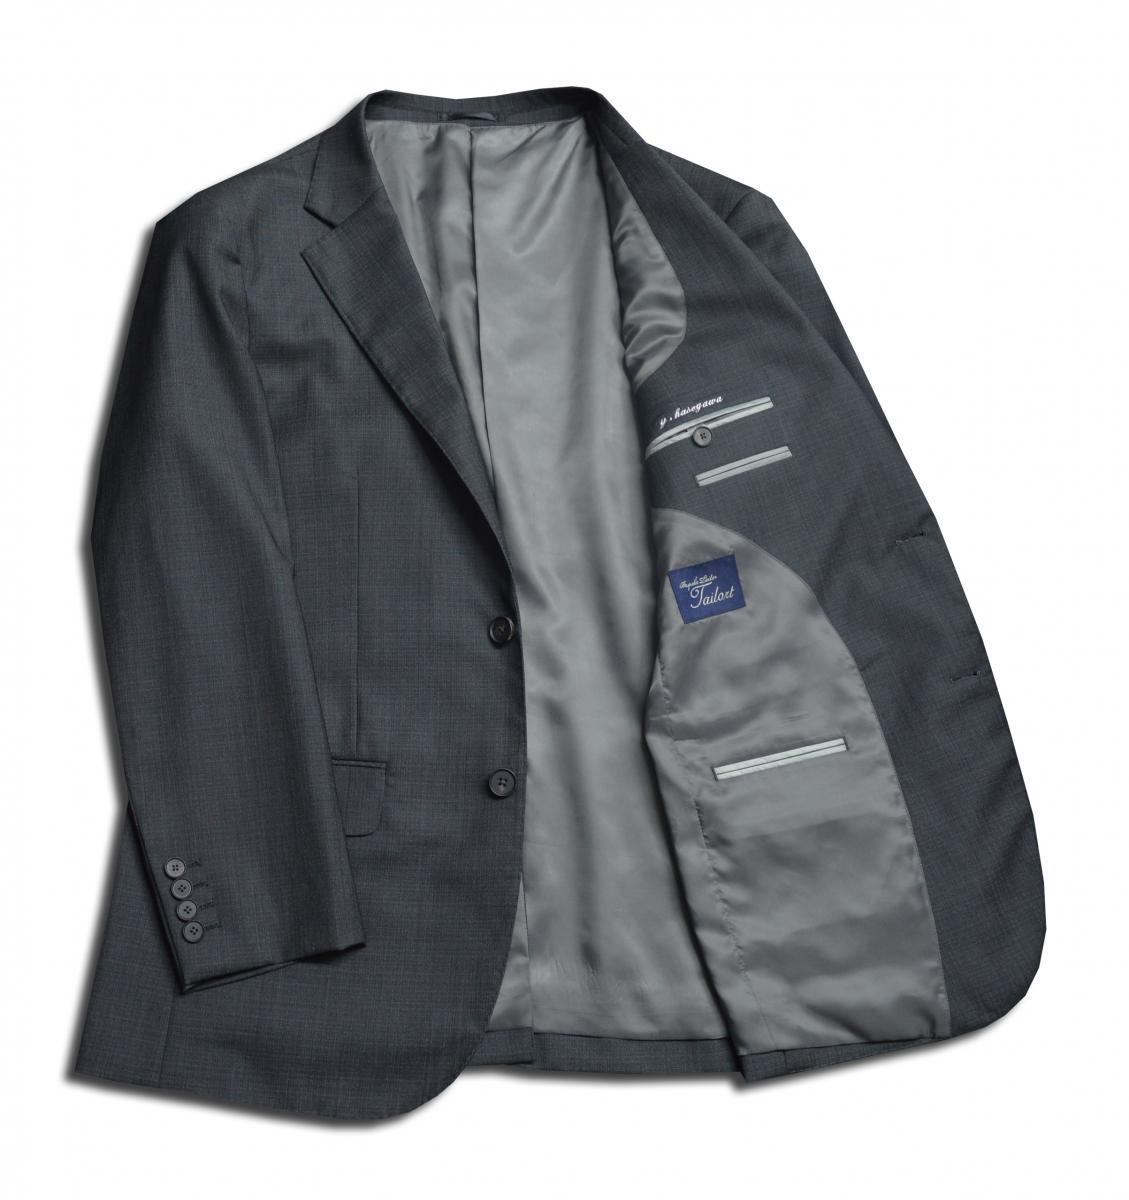 [オーダースーツ]定番中の定番カラーで、この一着があれば安心